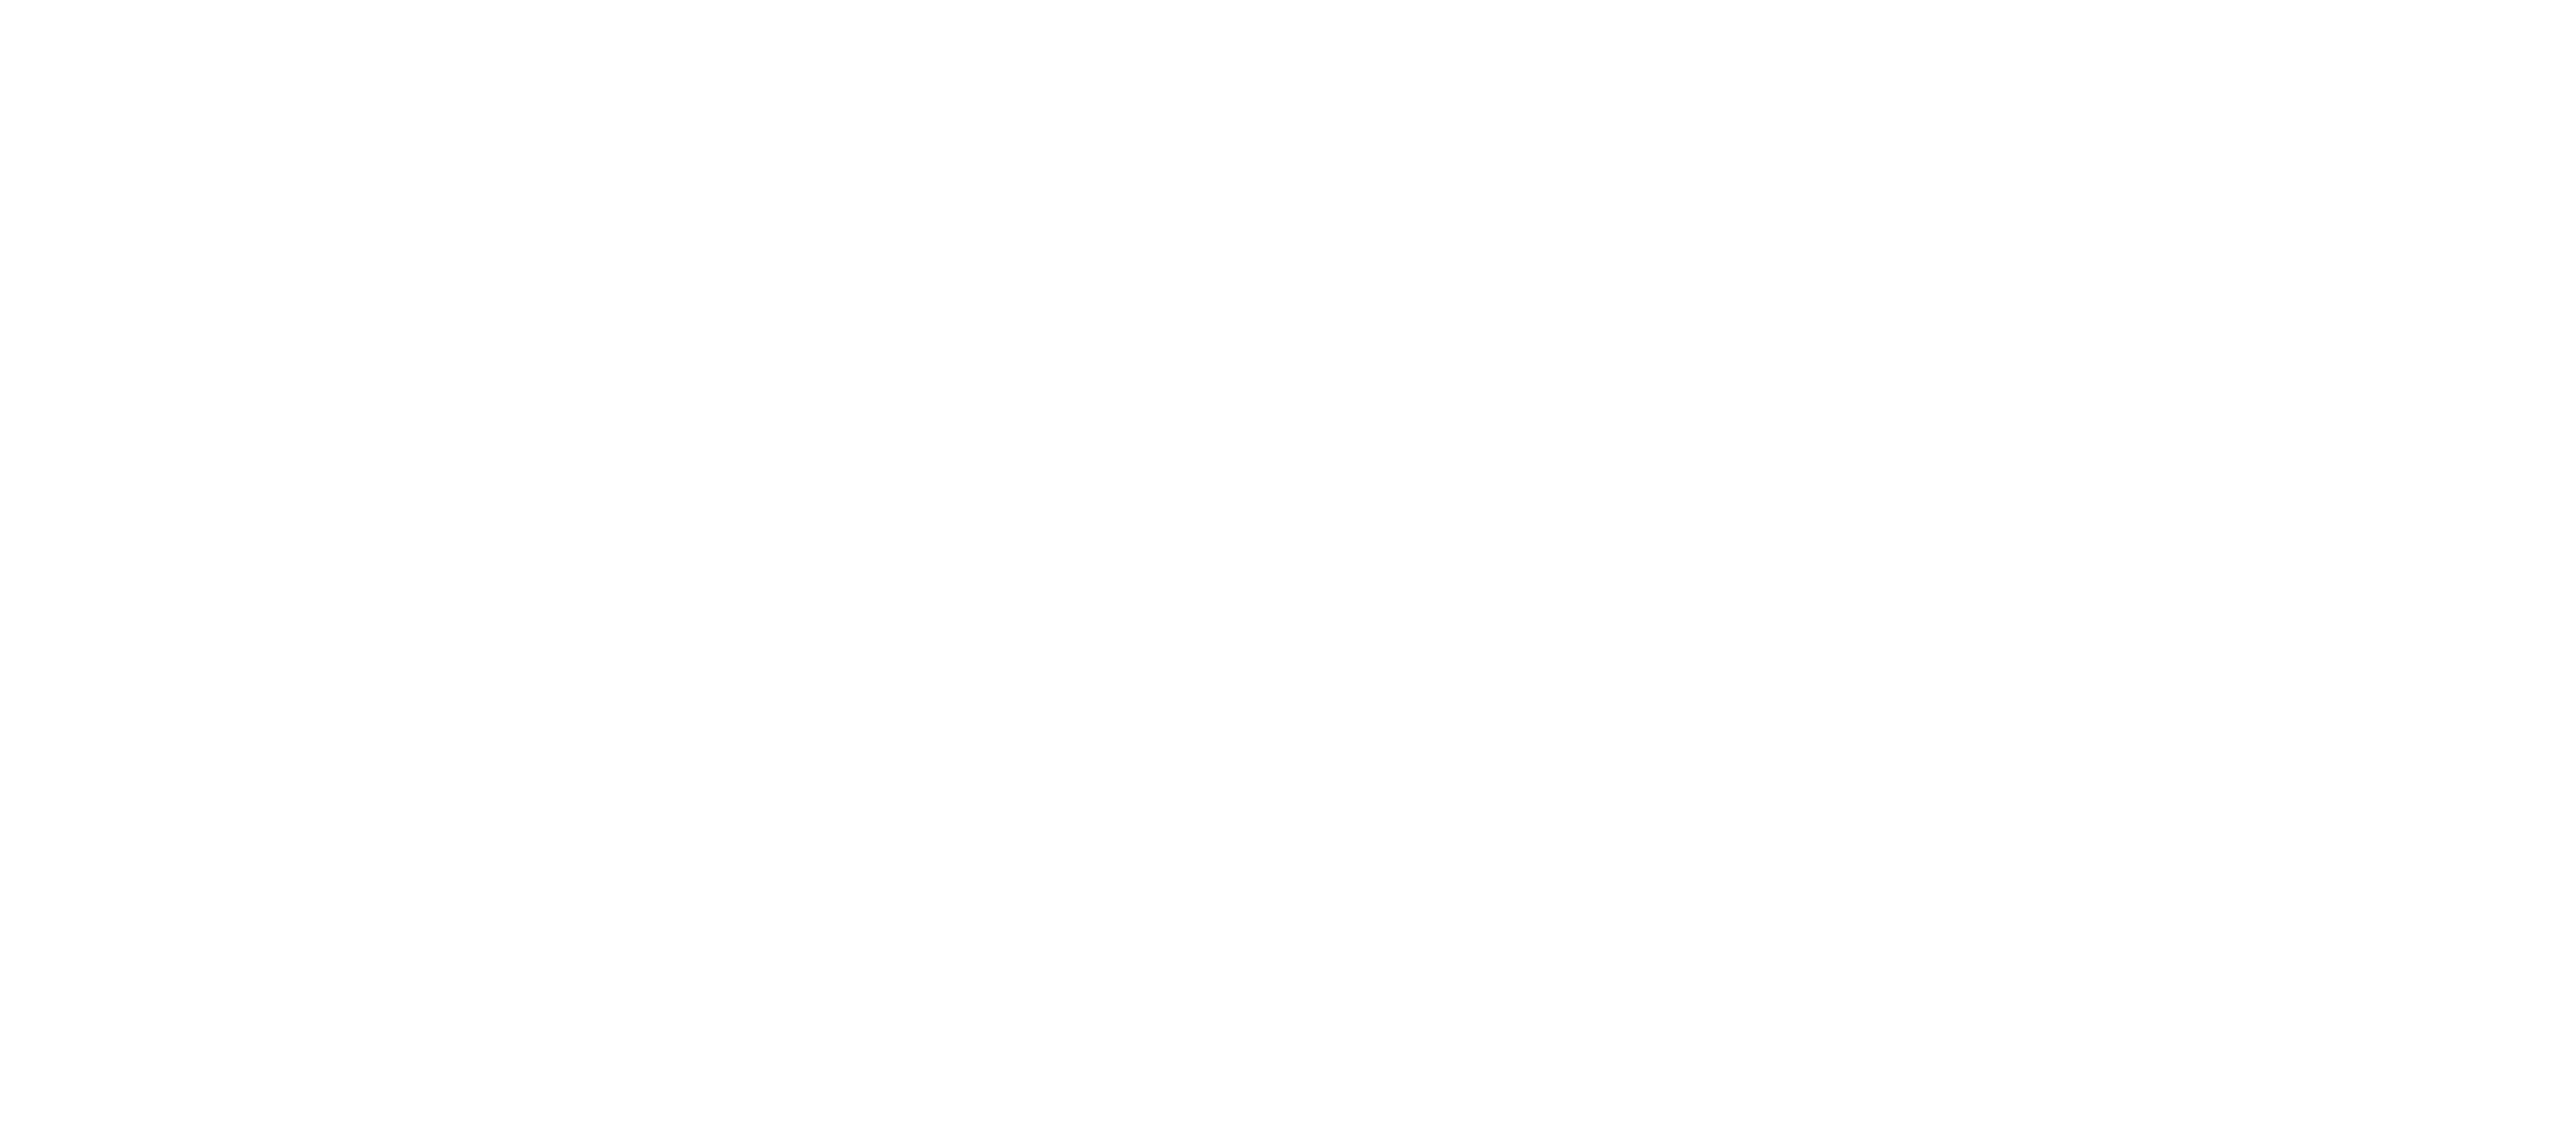 ikea_vit